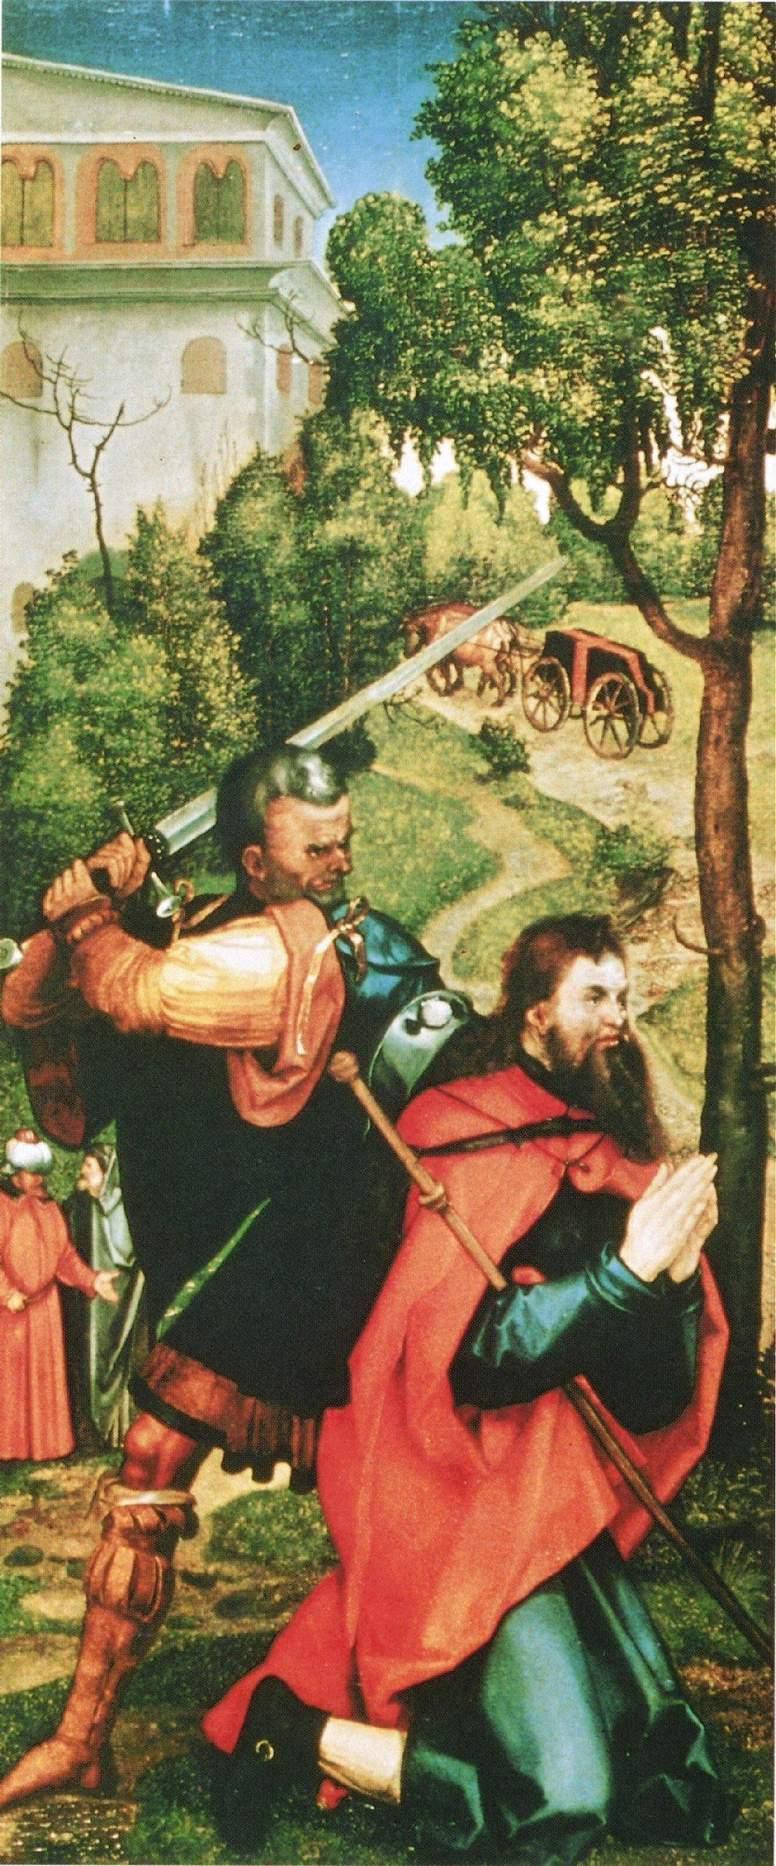 Алтарь Геллера, внутренняя сторона левой створки. Мученичество св. Иакова, Альбрехт Дюрер